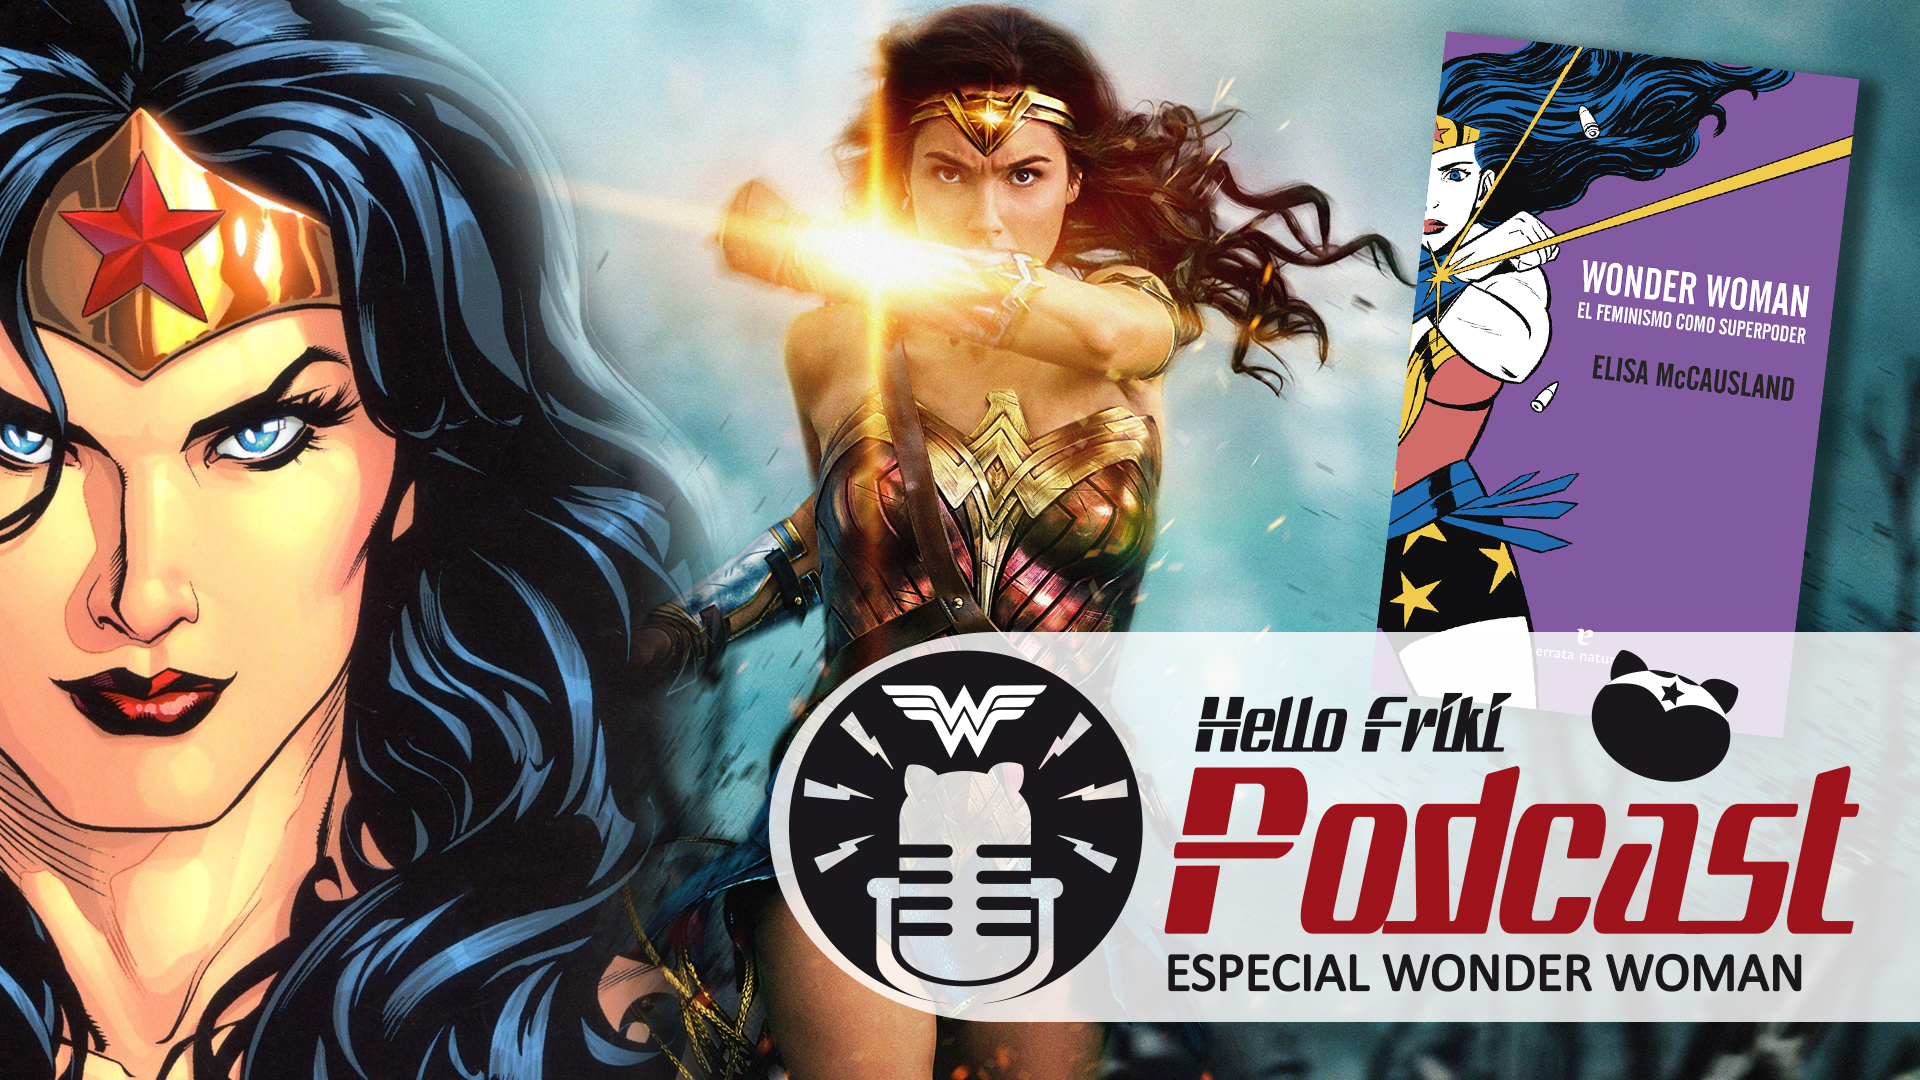 HF Especial Wonder Woman: Película y cómics